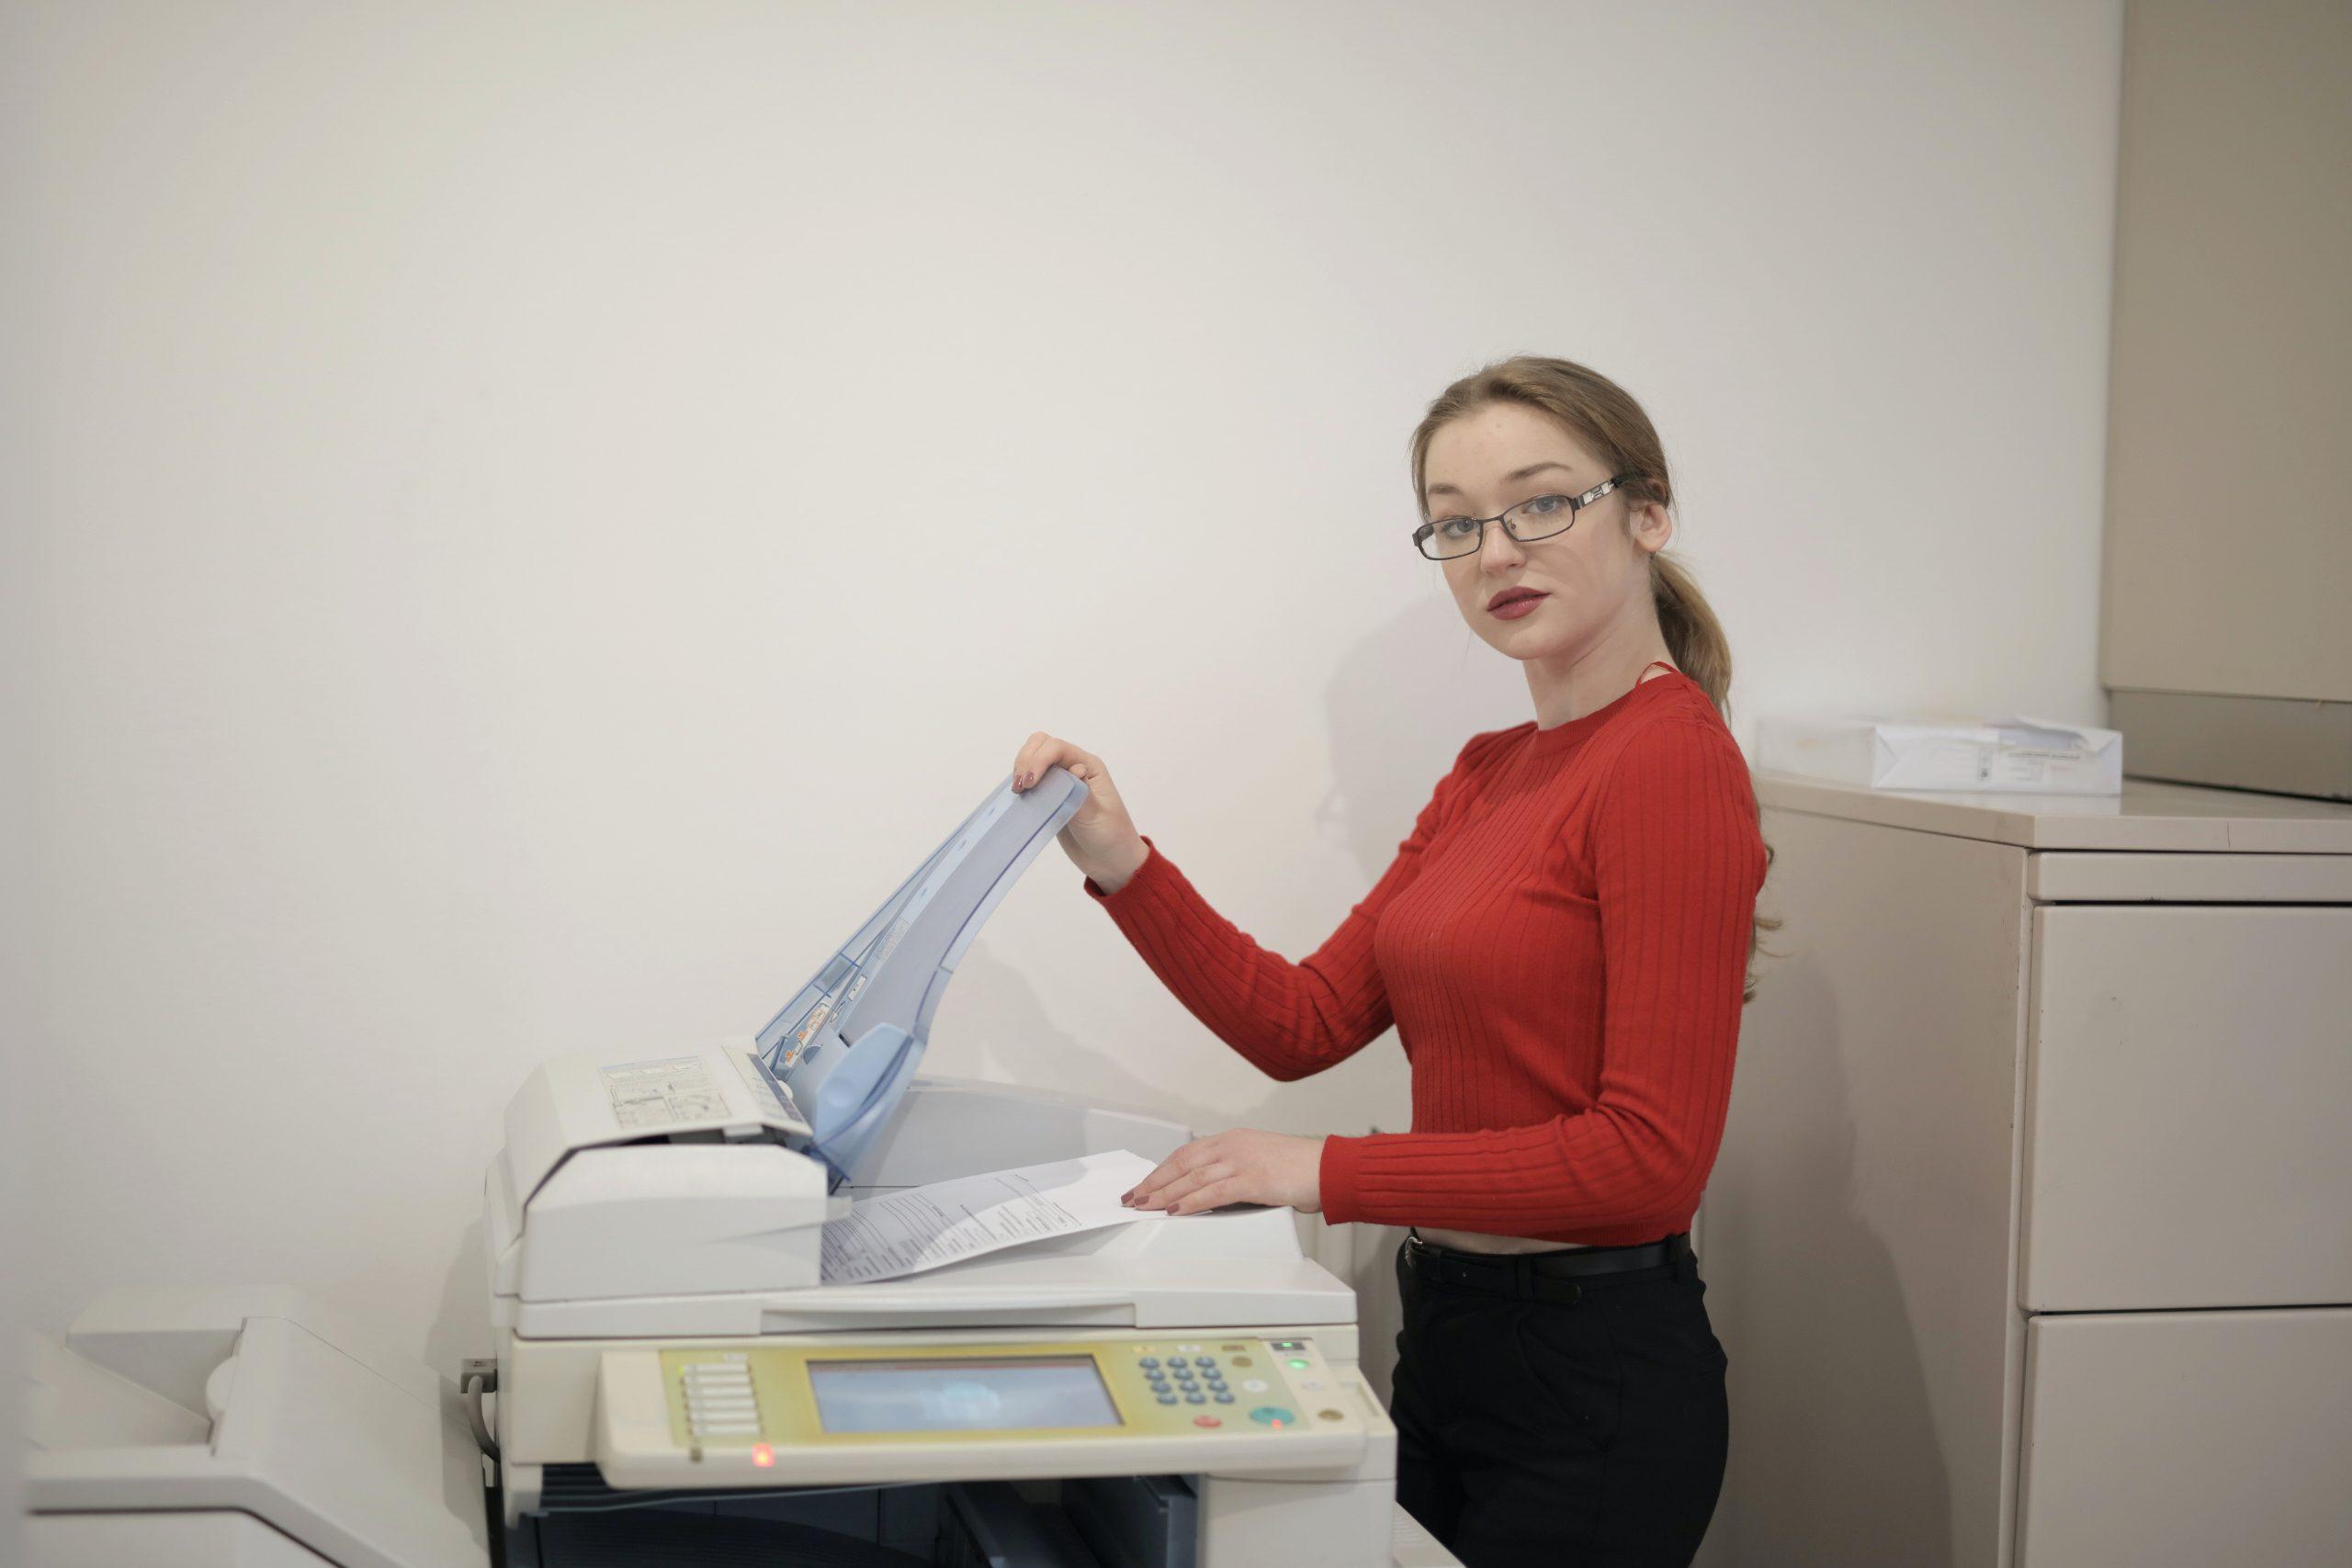 Imagem mostra uma mulher usando uma impressora em um escritório.